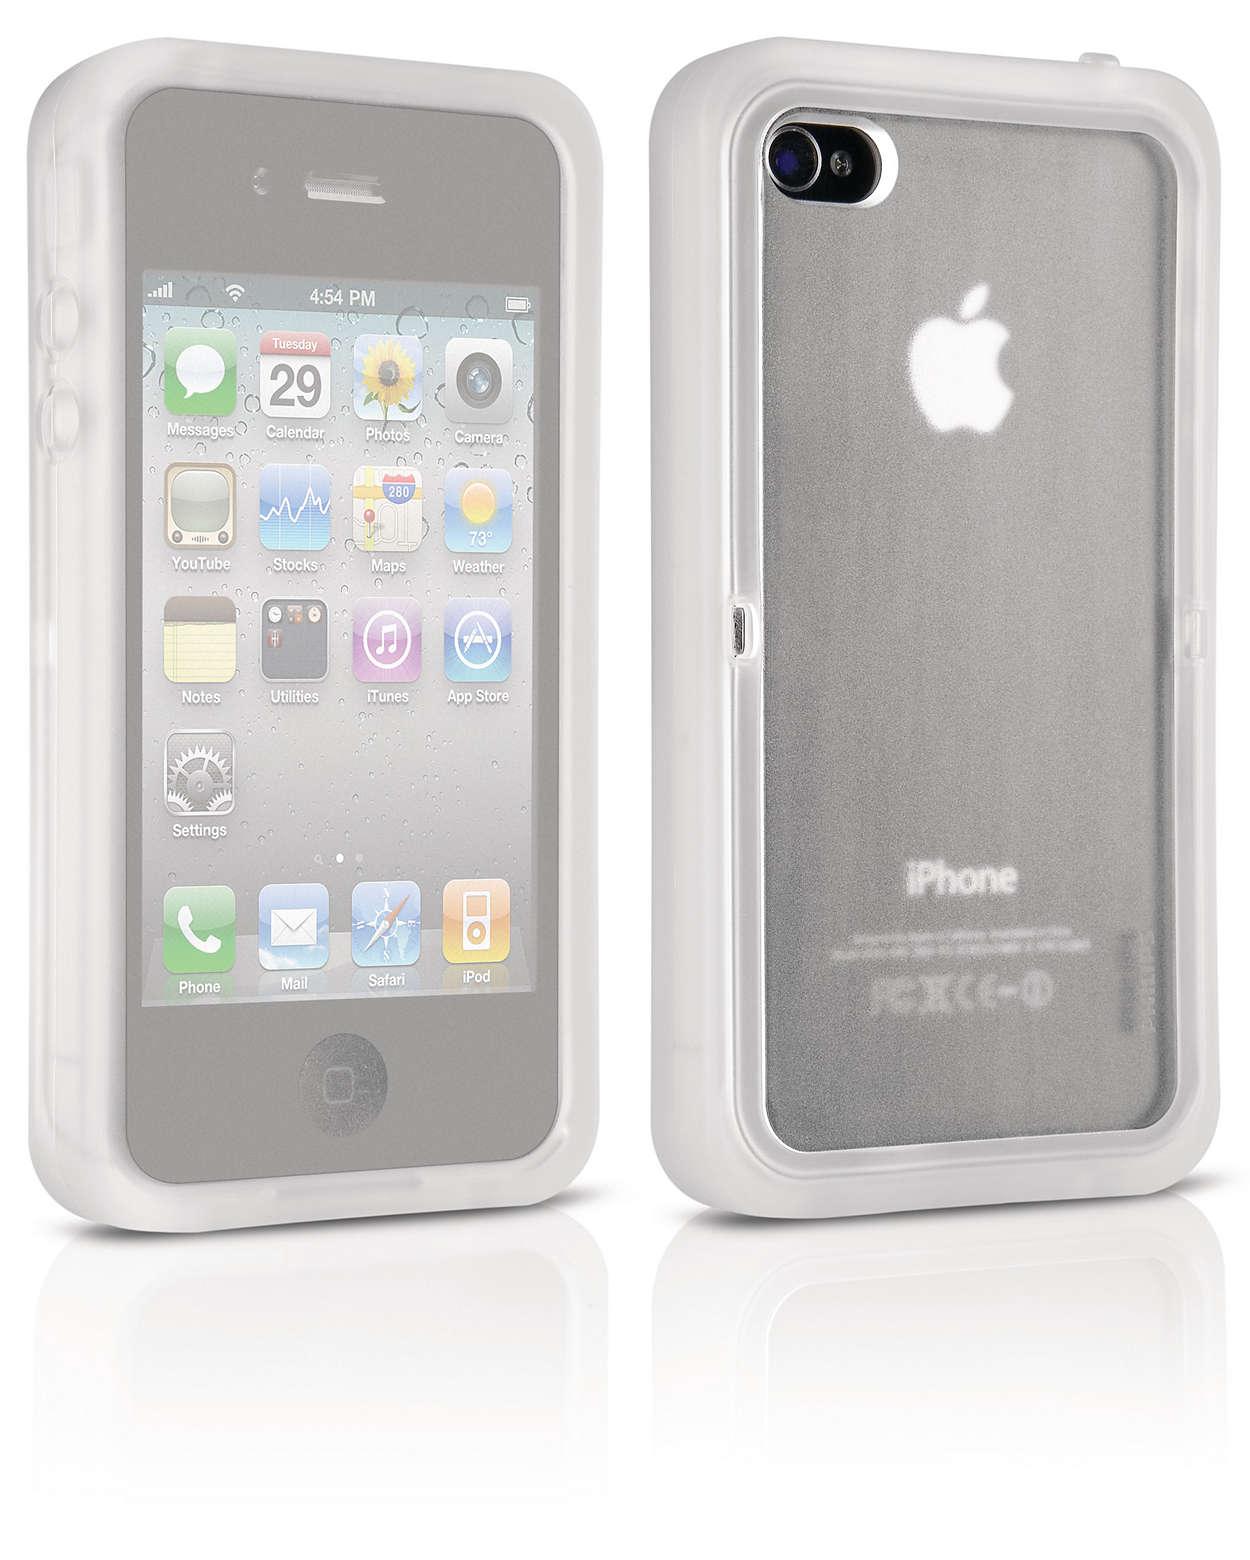 Protege el iPhone de los elementos